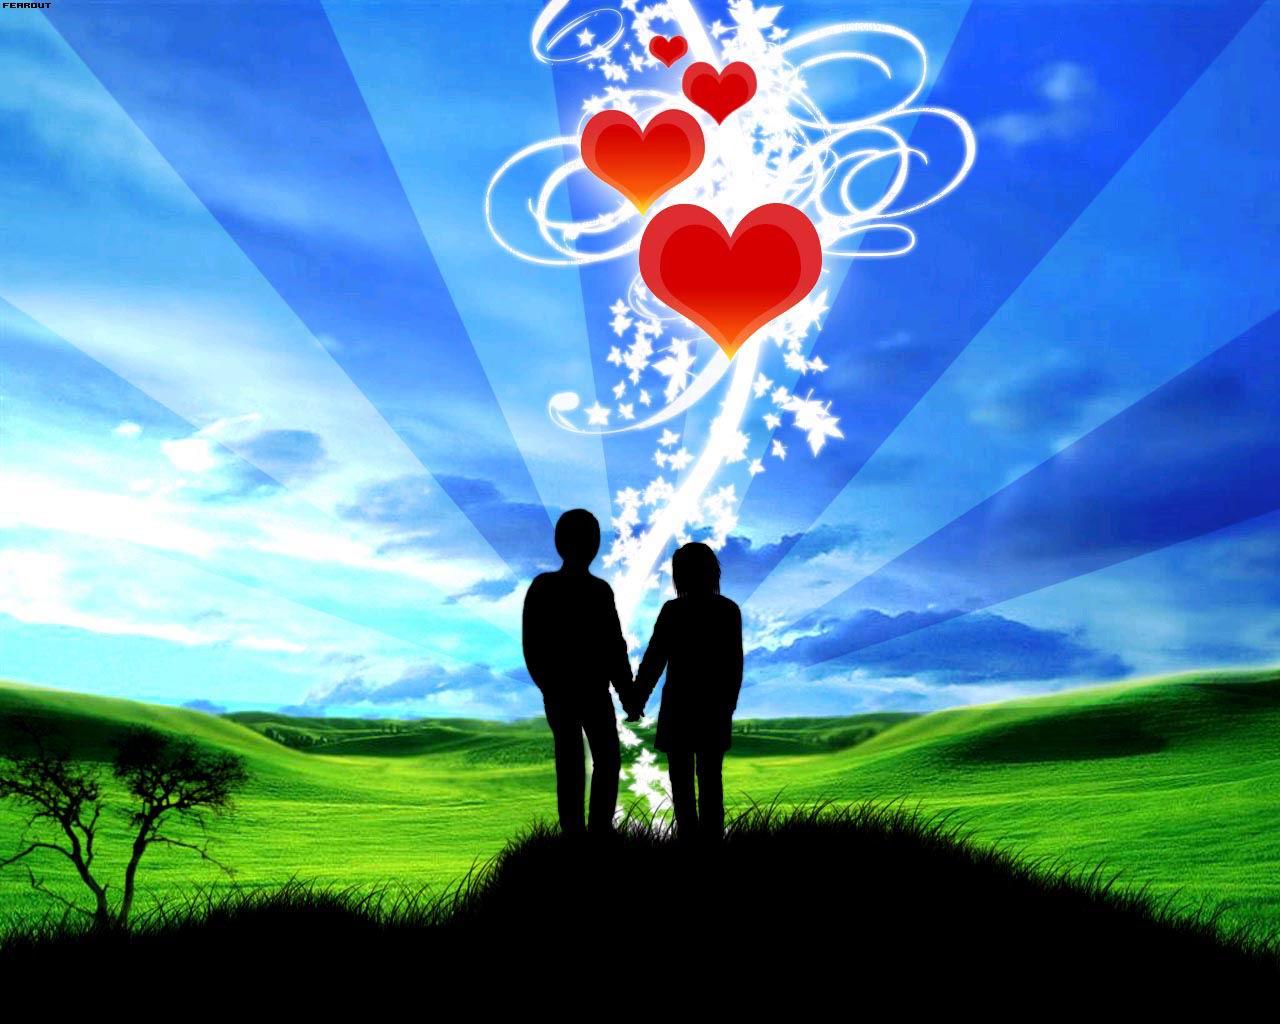 http://2.bp.blogspot.com/_Id2cWkgG4SU/S81U9DvOZqI/AAAAAAAAACE/p8TCc64LvNI/s1600/romantic_love-7201.jpg